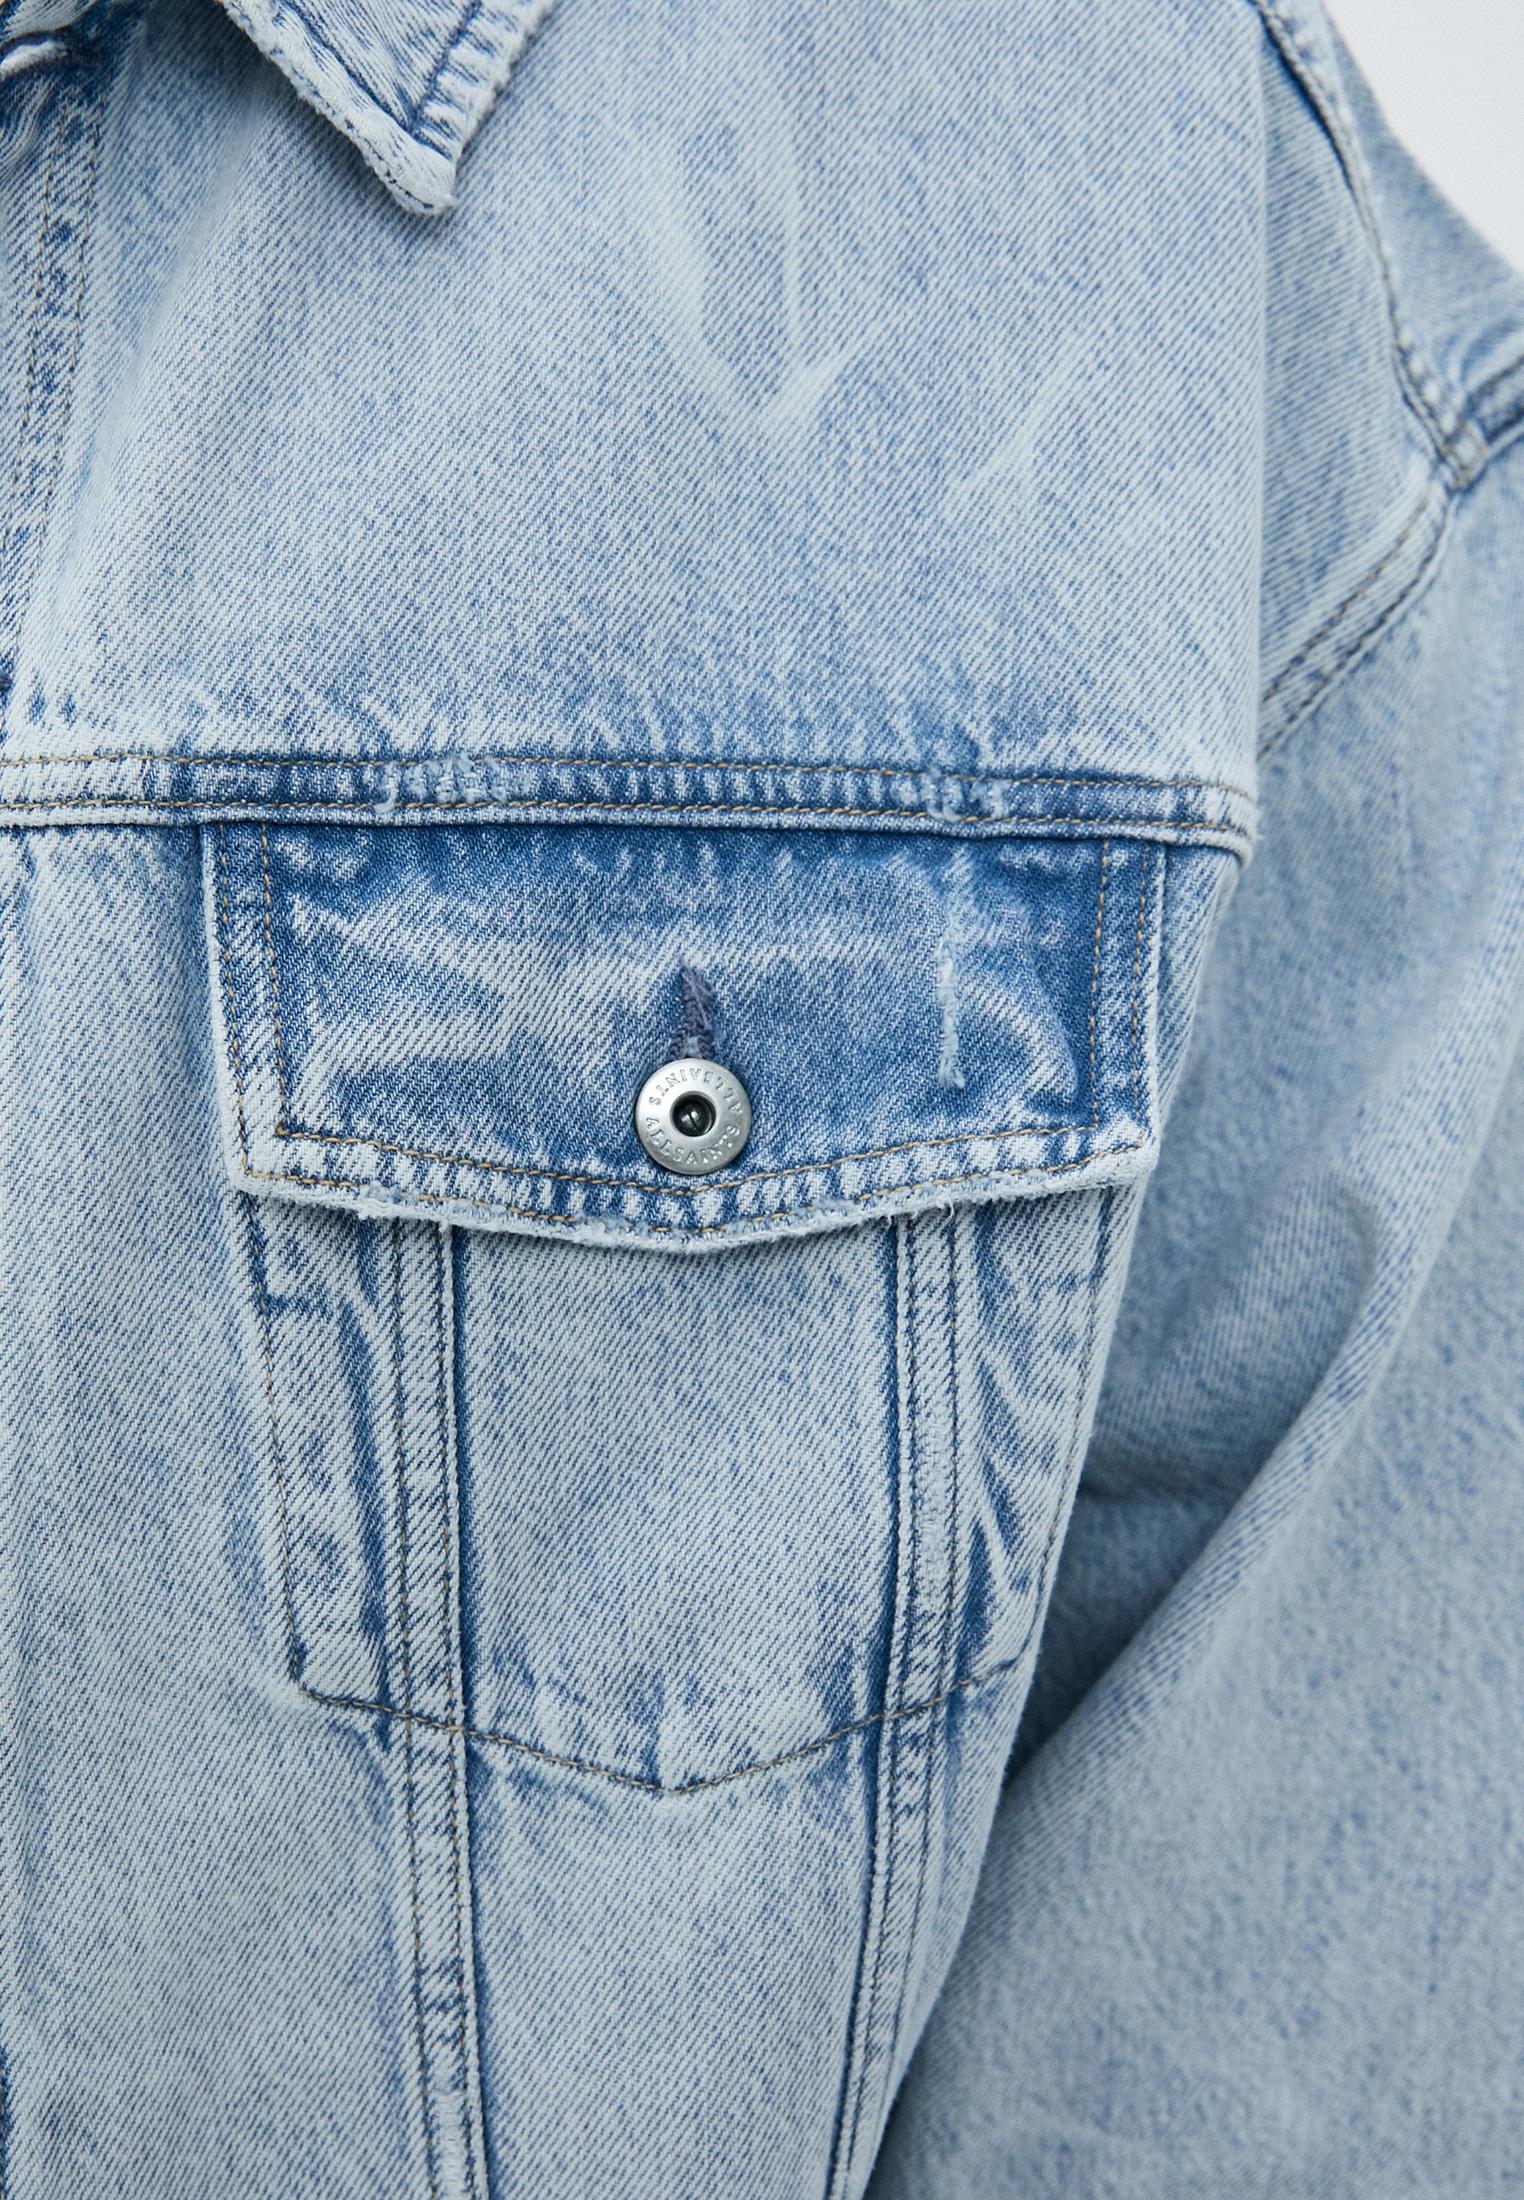 Джинсовая куртка AllSaints MA009S: изображение 5